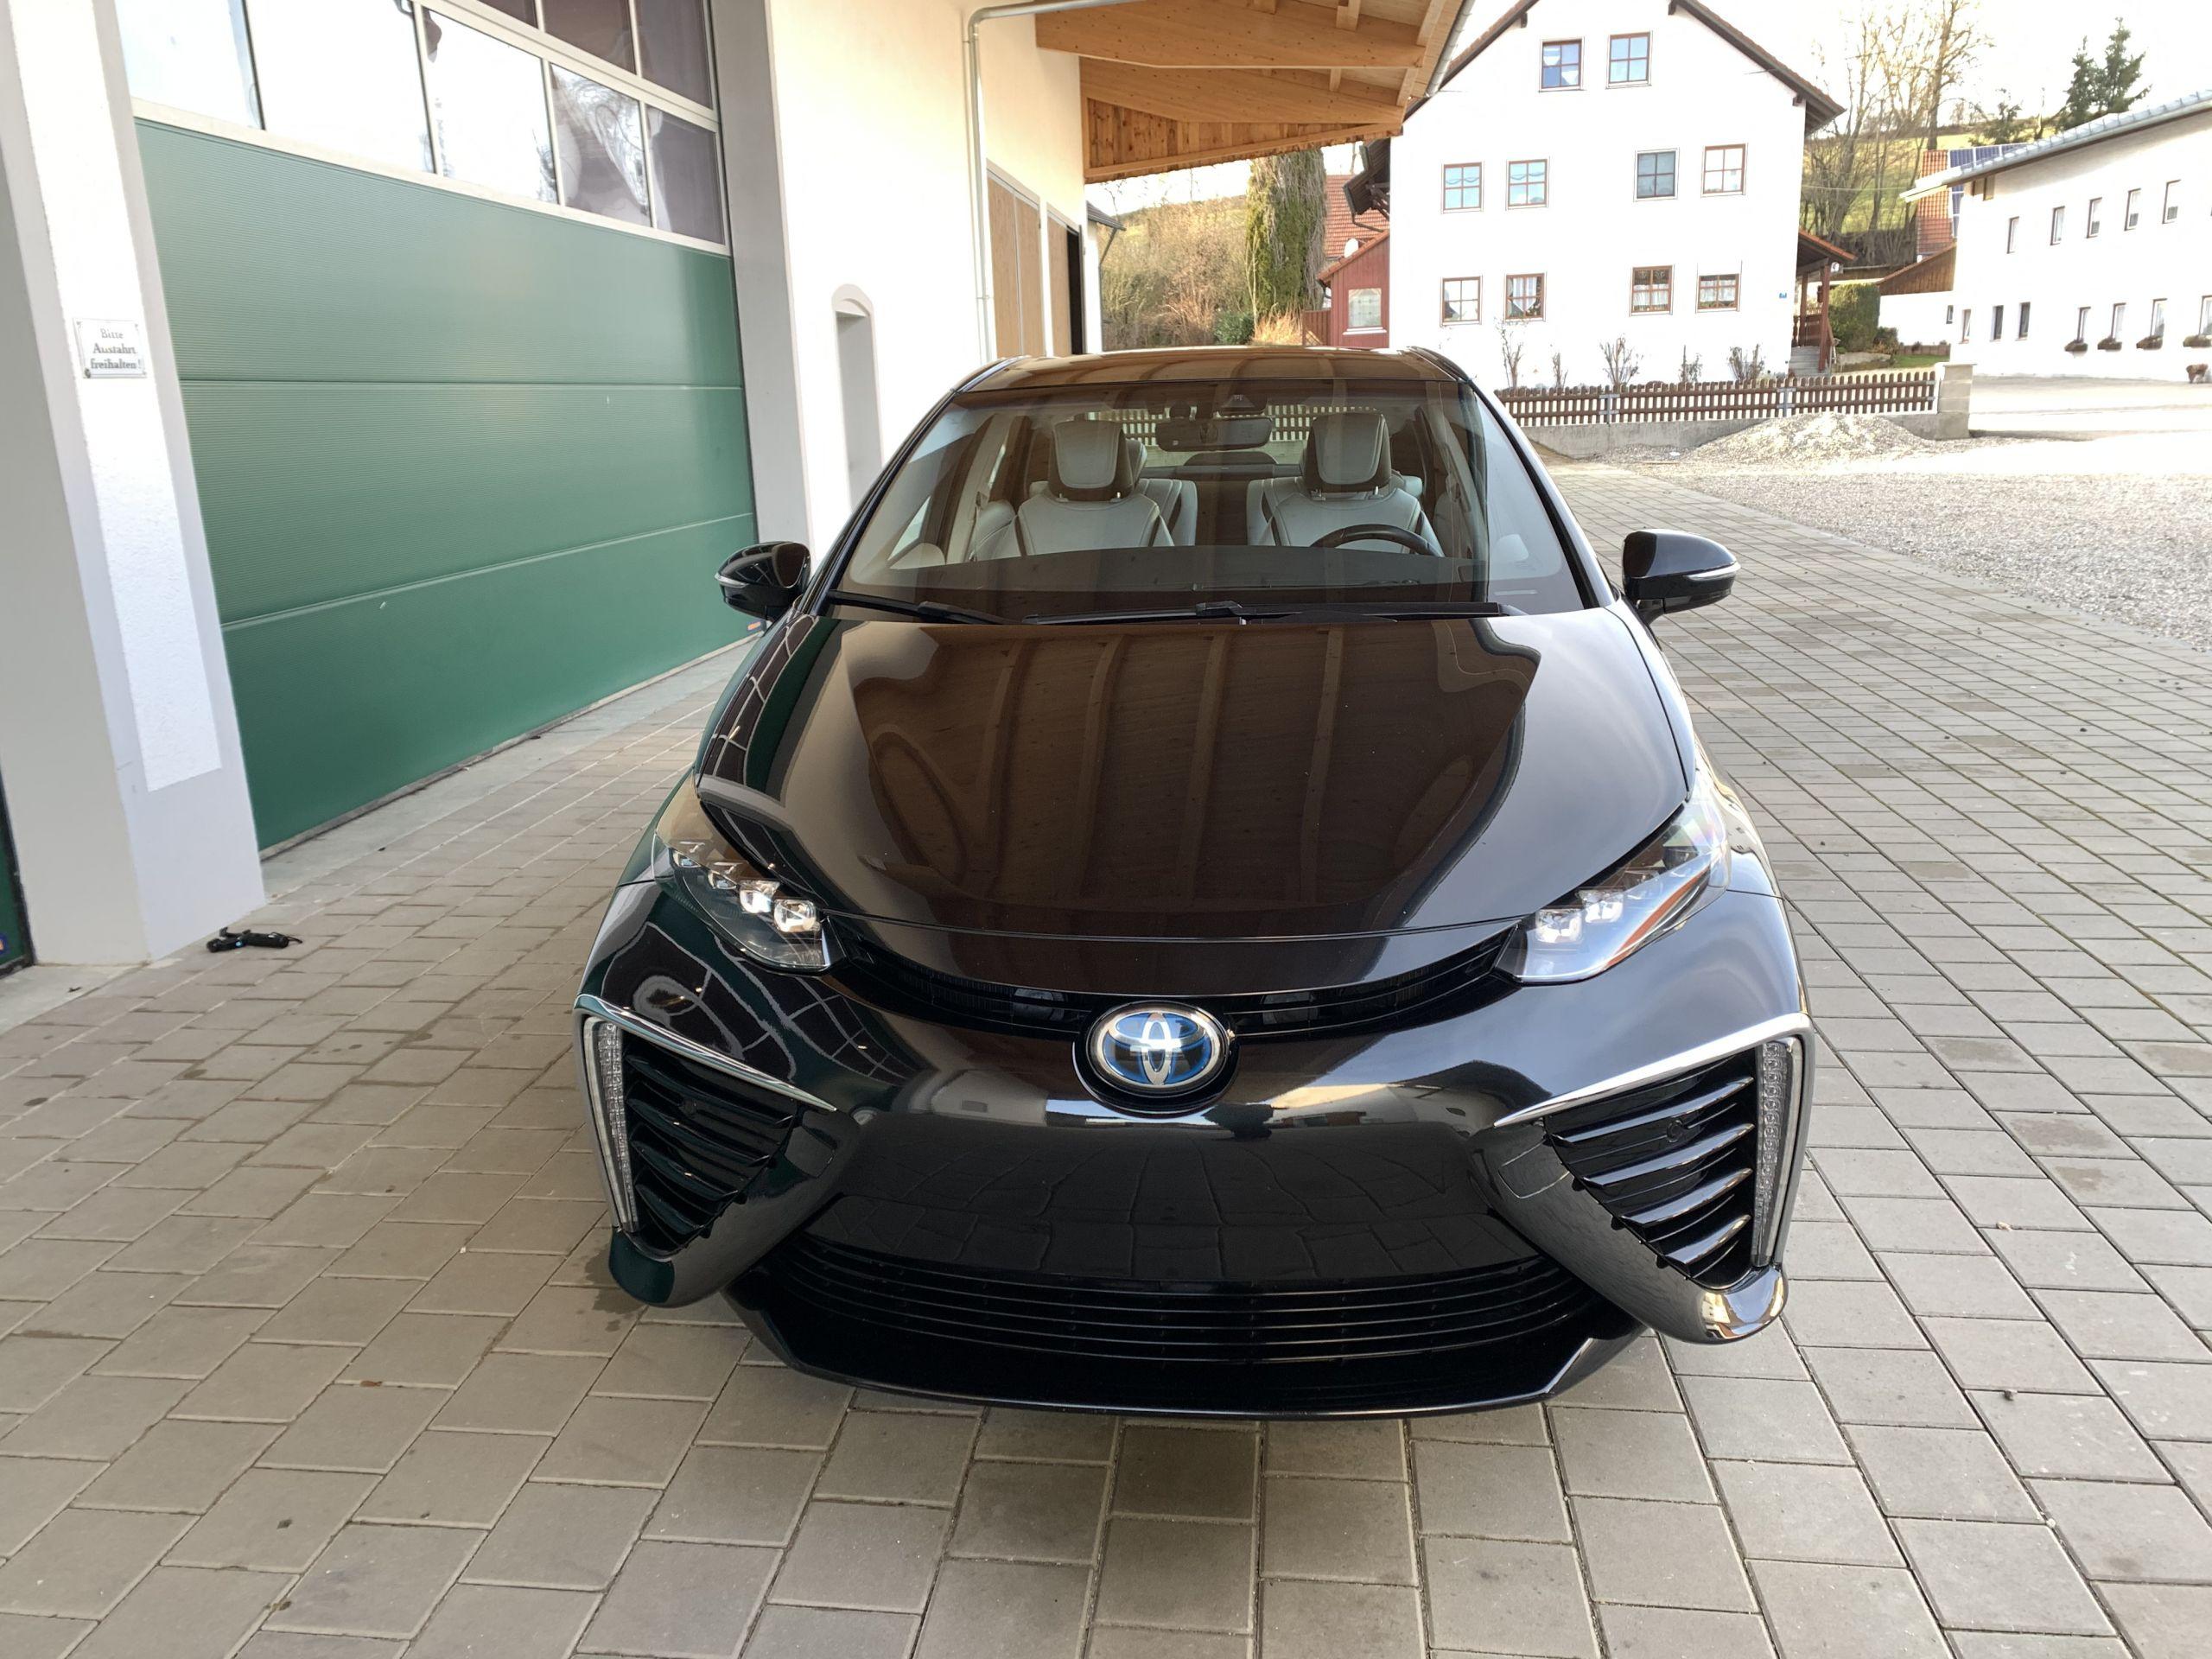 Schwarzer Gebraucht Toyota Mirai Wasserstoff Brennstoffzelle zu verkaufen Deutschland 8